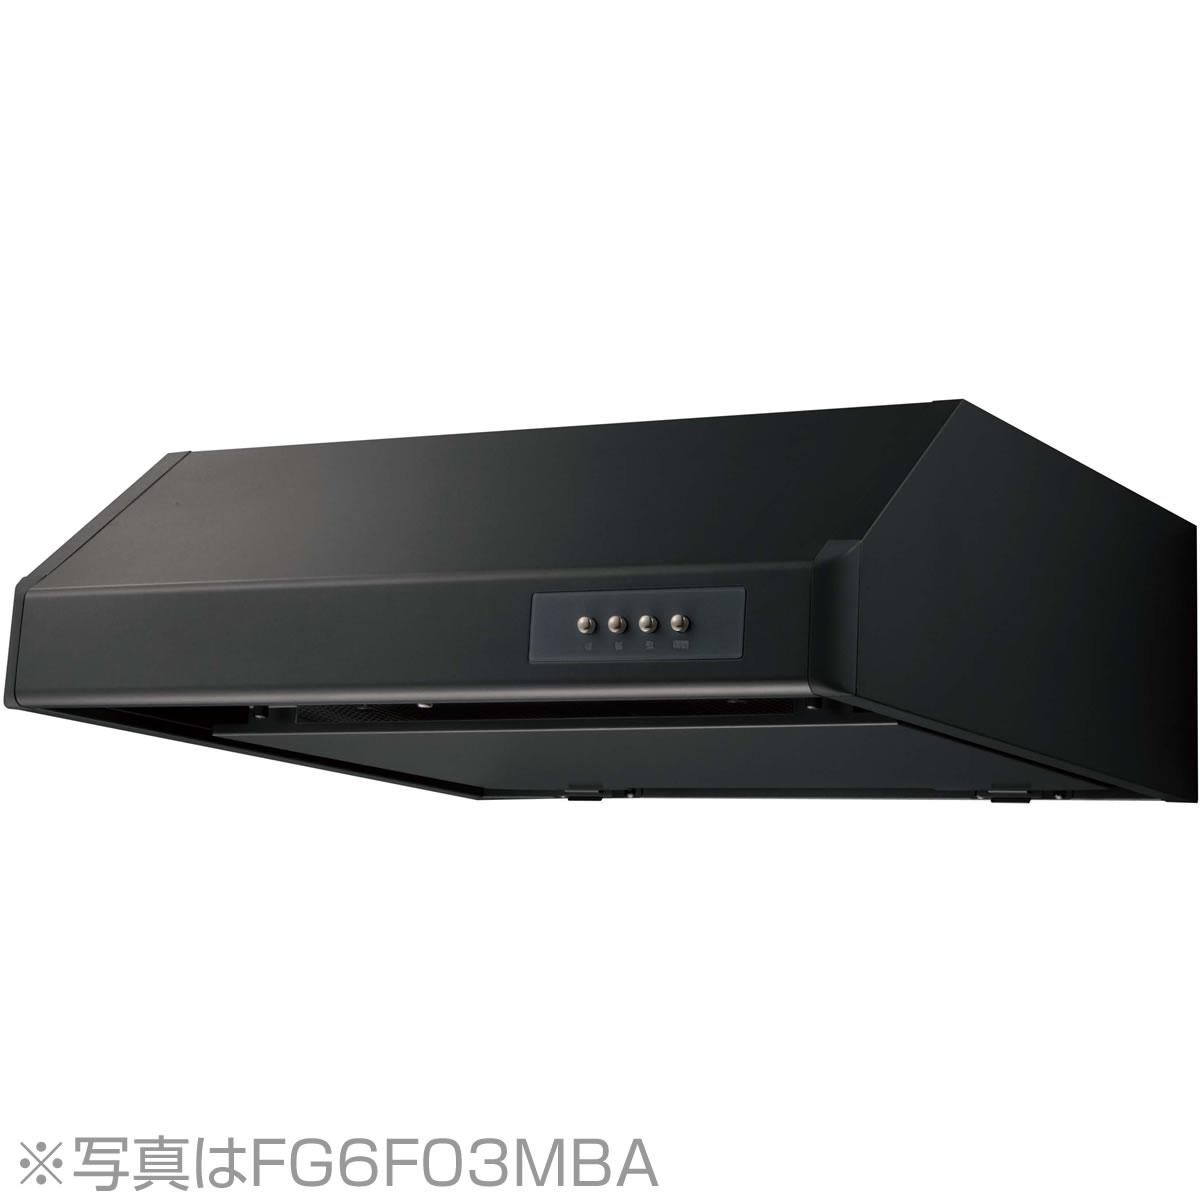 《納期約10日》ノーリツ レンジフード 平型(シロッコファン) 幅60cm ブラック NFG6F03MBA [フラットフード] [ハーマンFG6F03MBA]《配送タイプA》